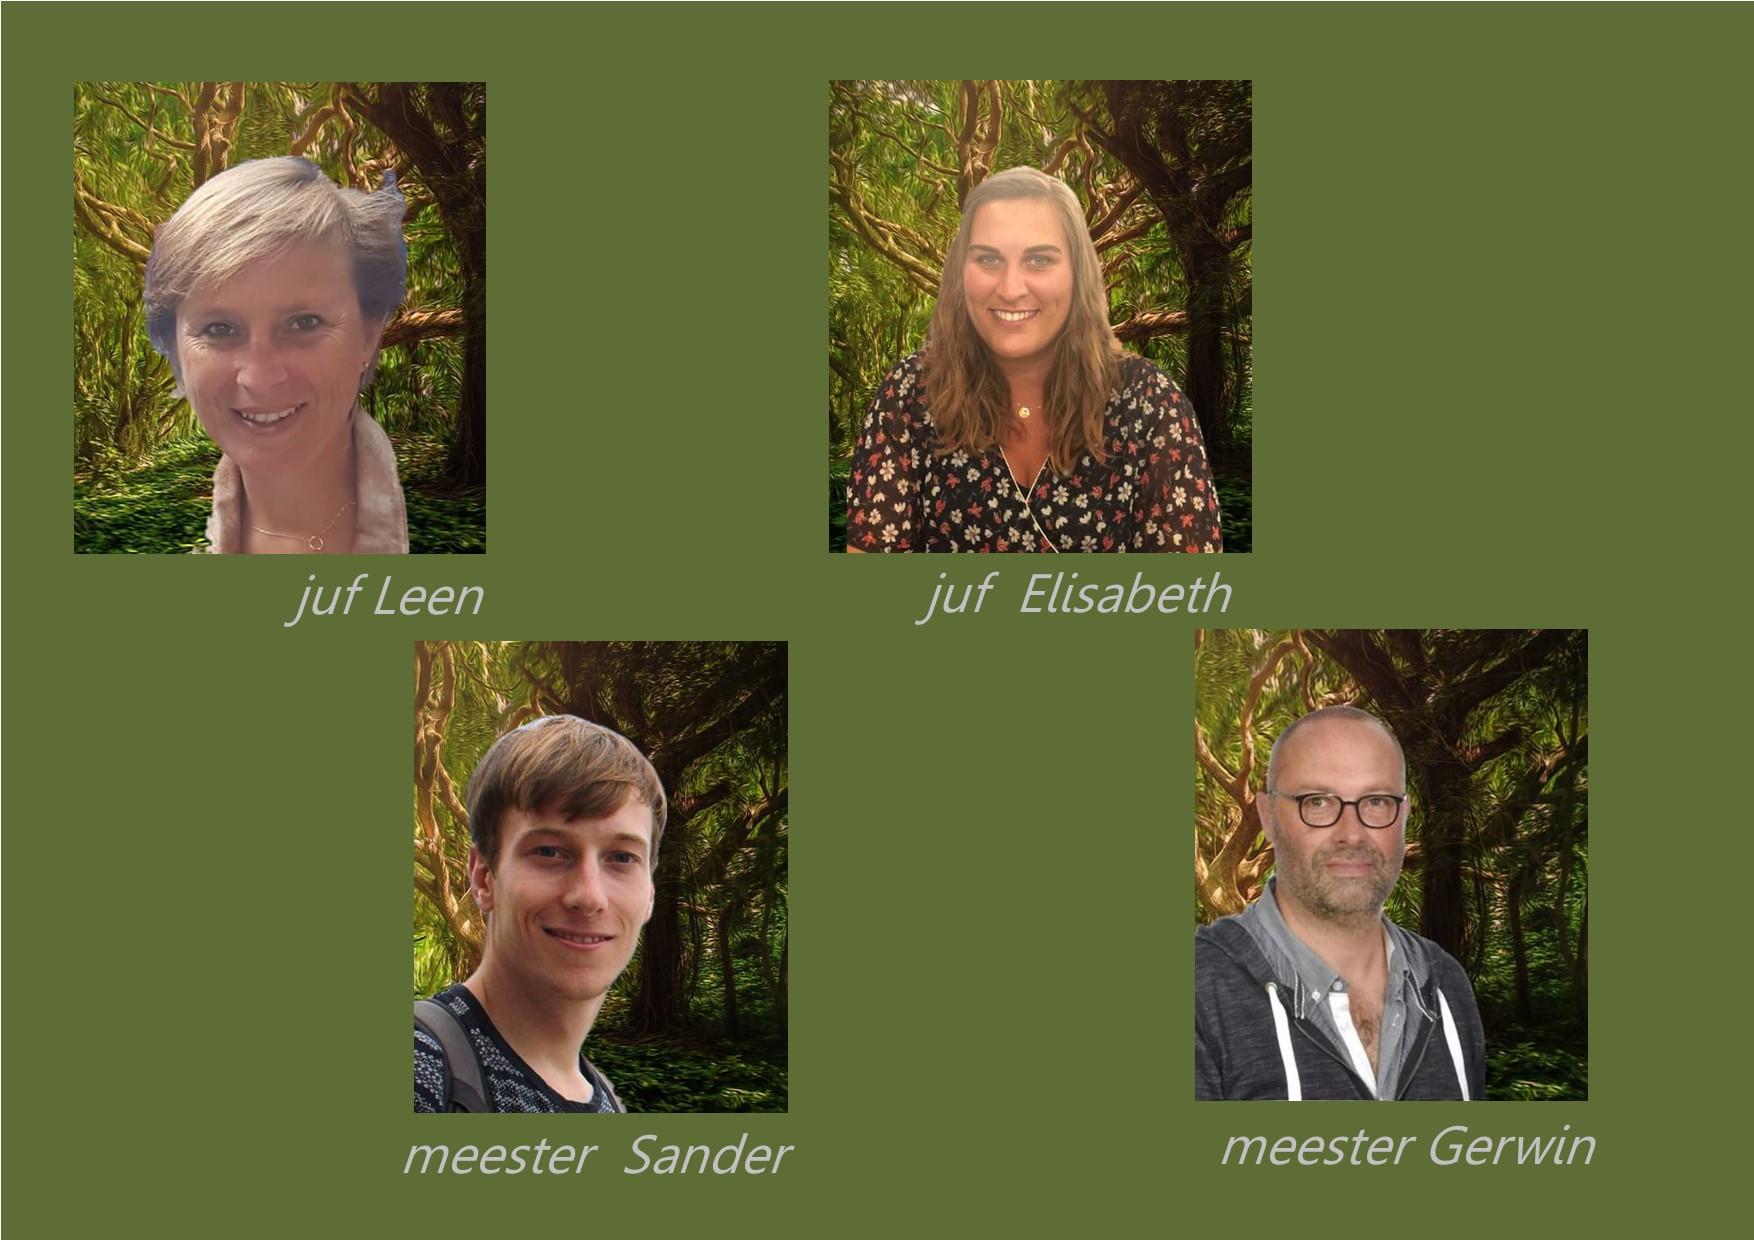 <p>6de leerjaar: juf Elisabeth, juf Leen en meester Sander<br />co-teachers: meester Gerwin en meester Sander</p> <p></p>